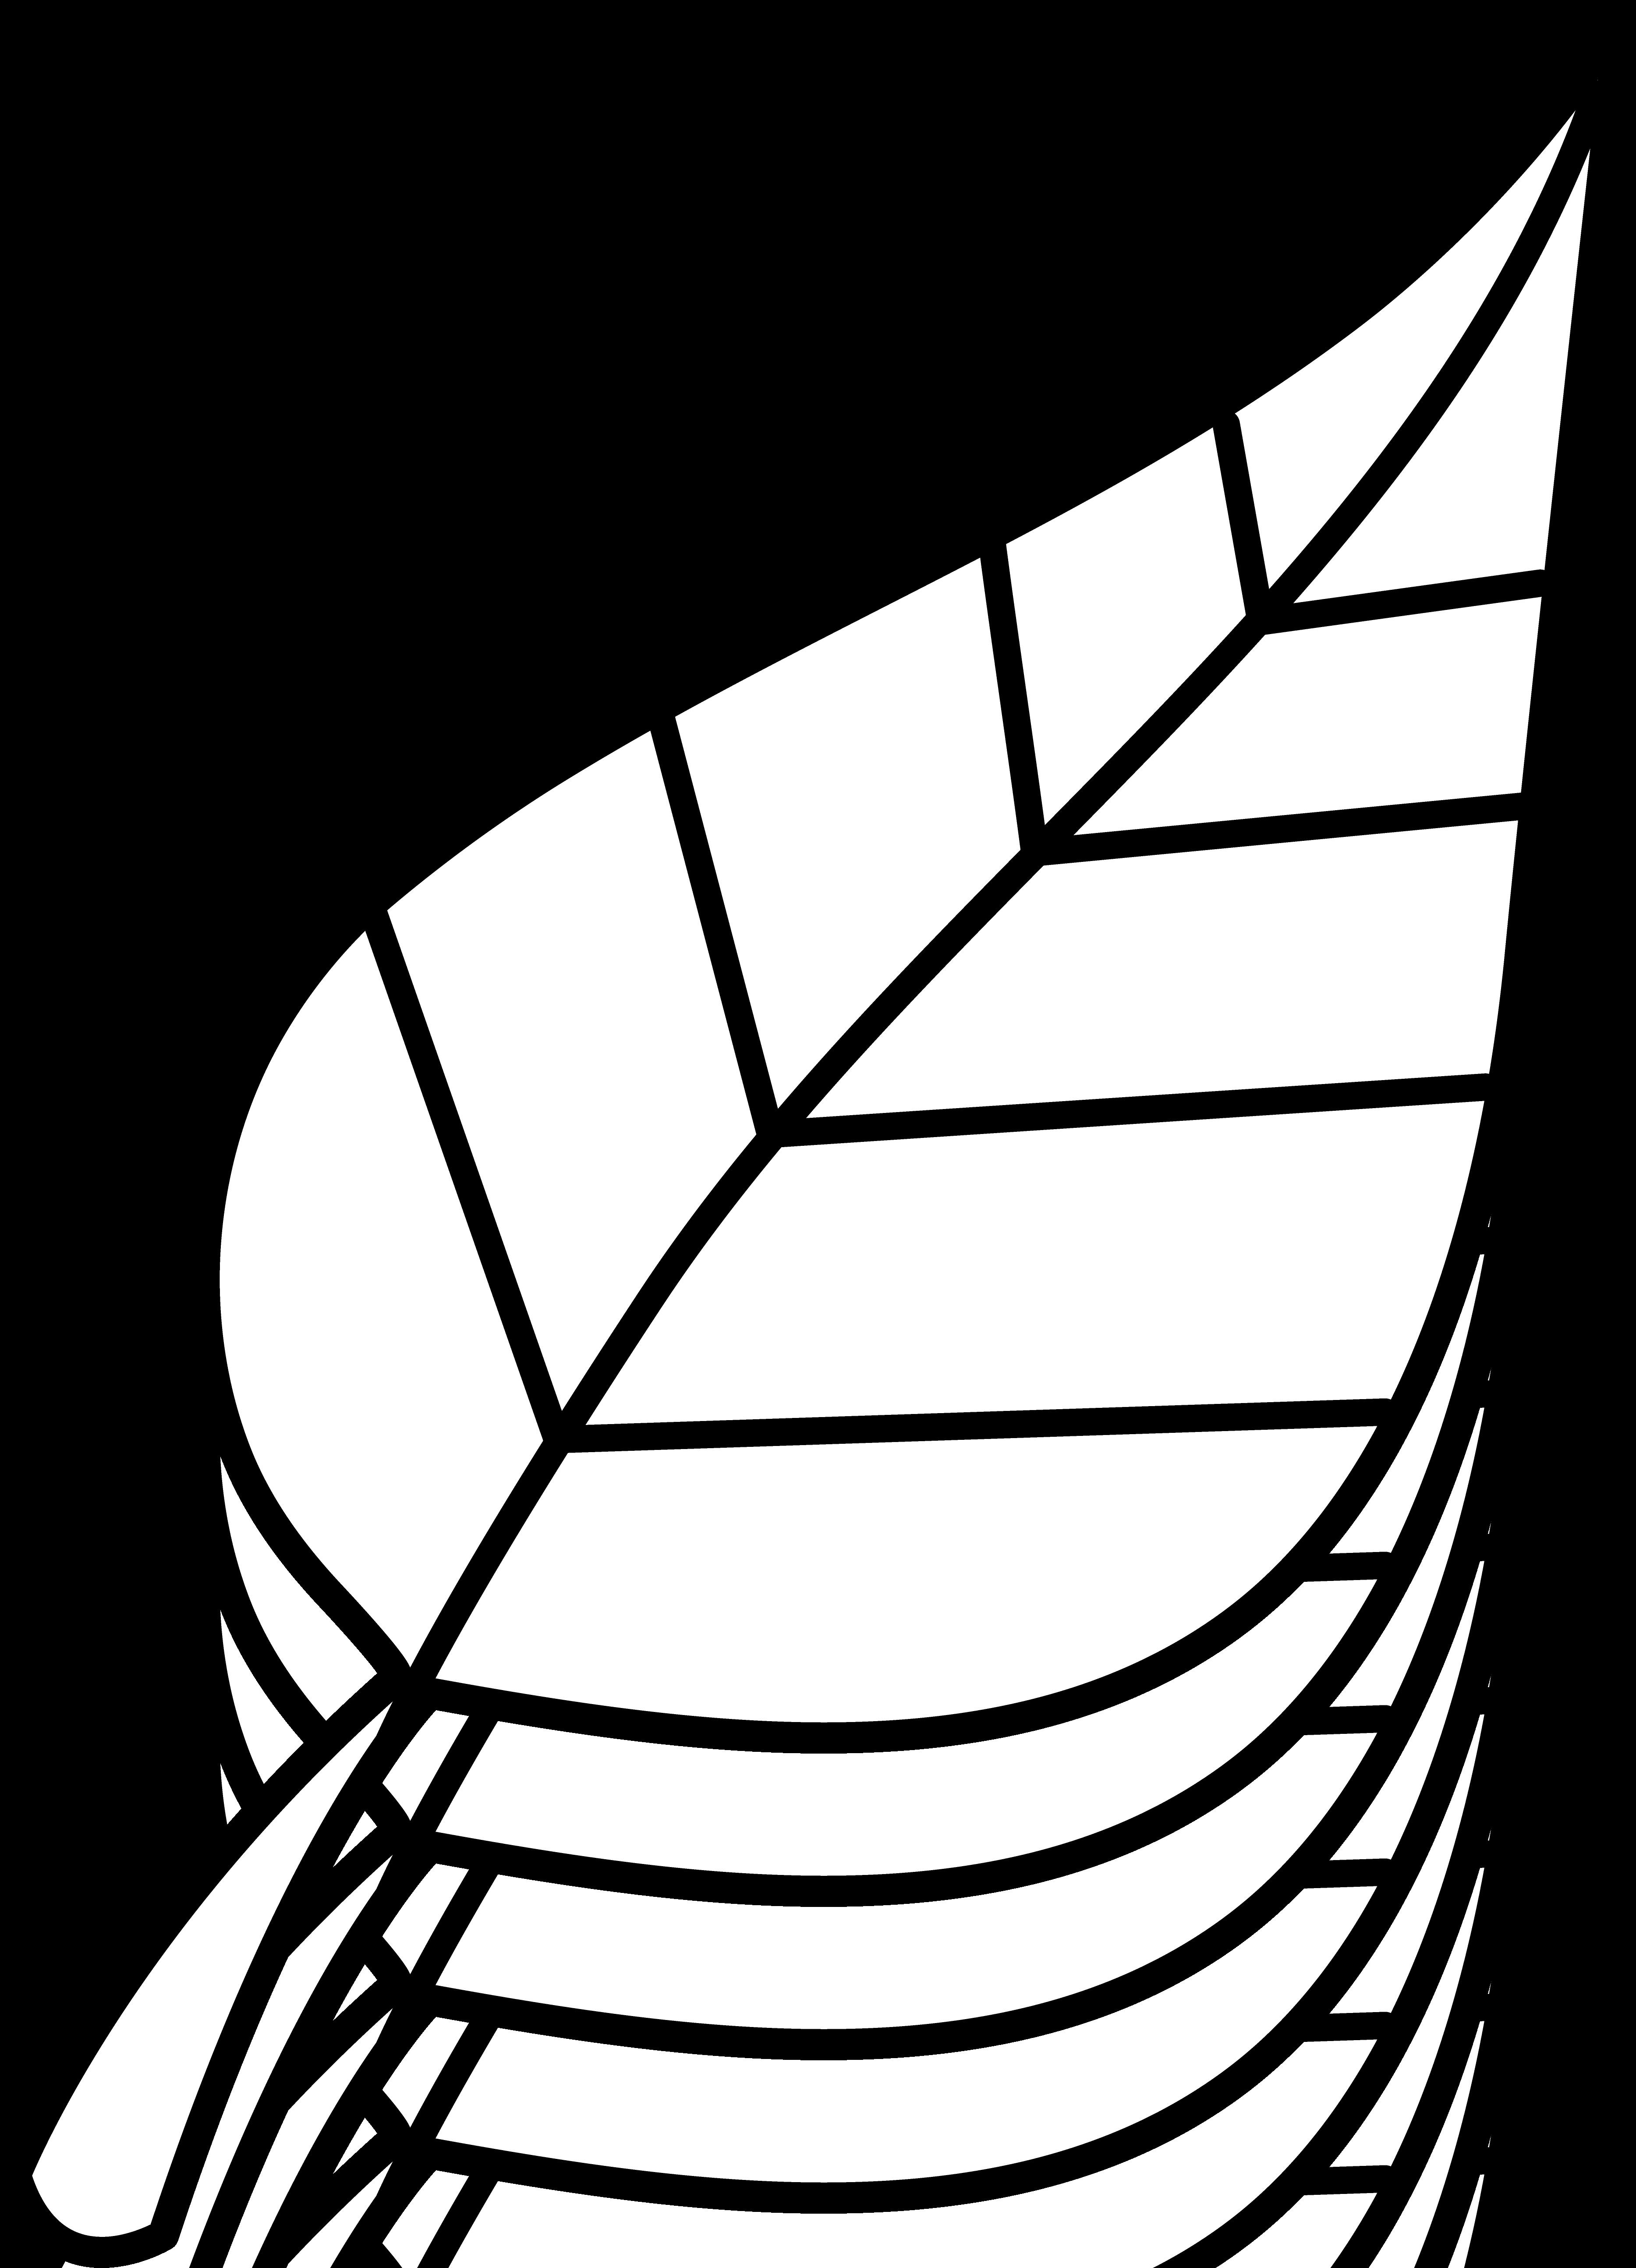 Leaf clipart black locust. Google image result for